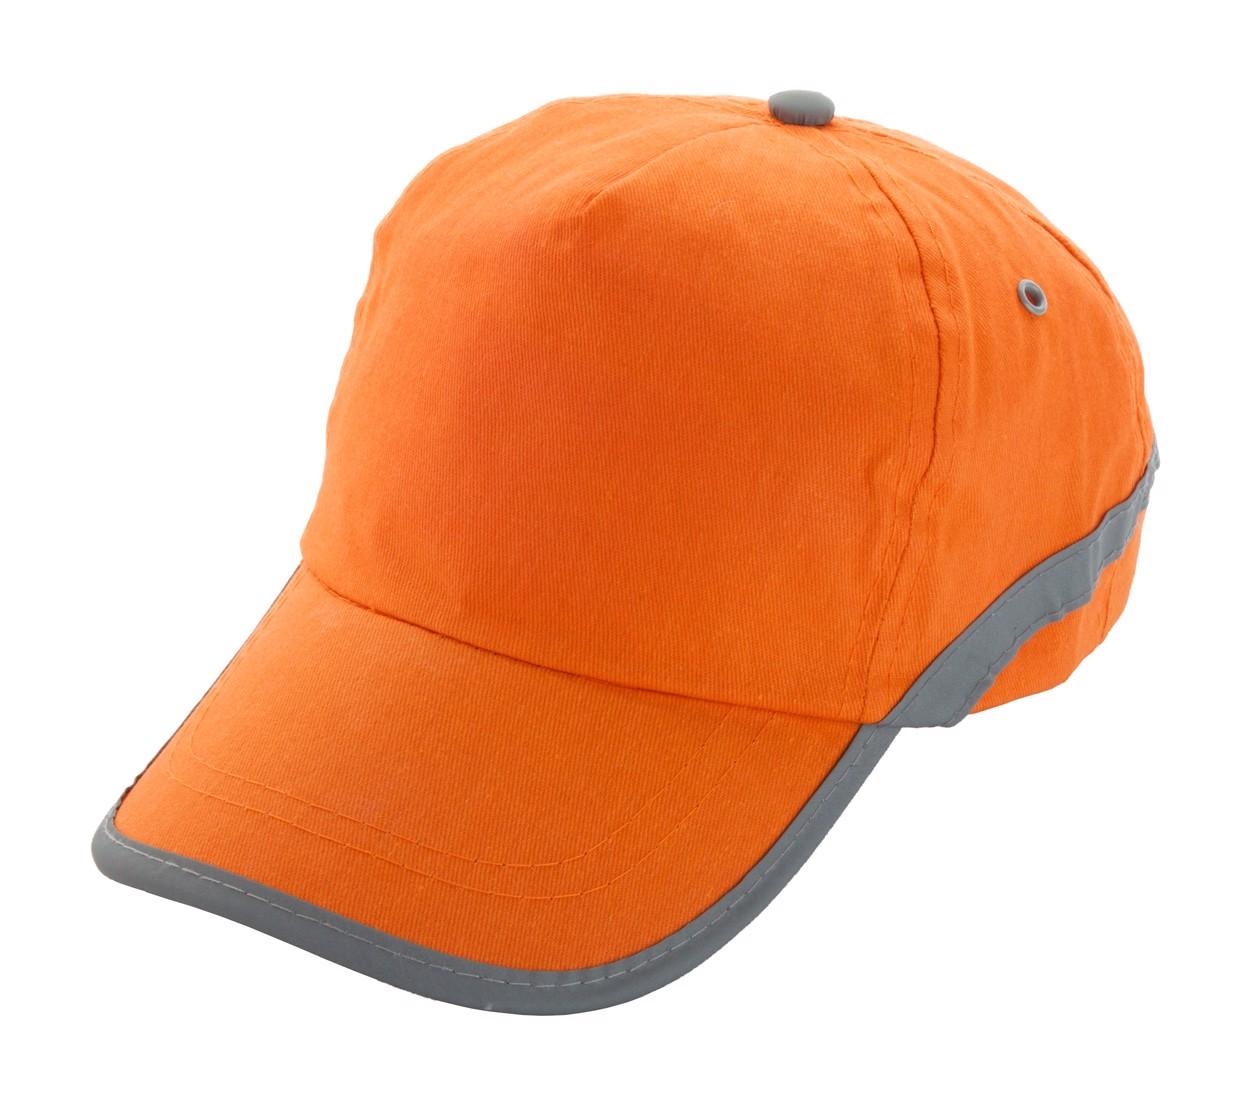 Baseballová Čepice Tarea - Oranžová